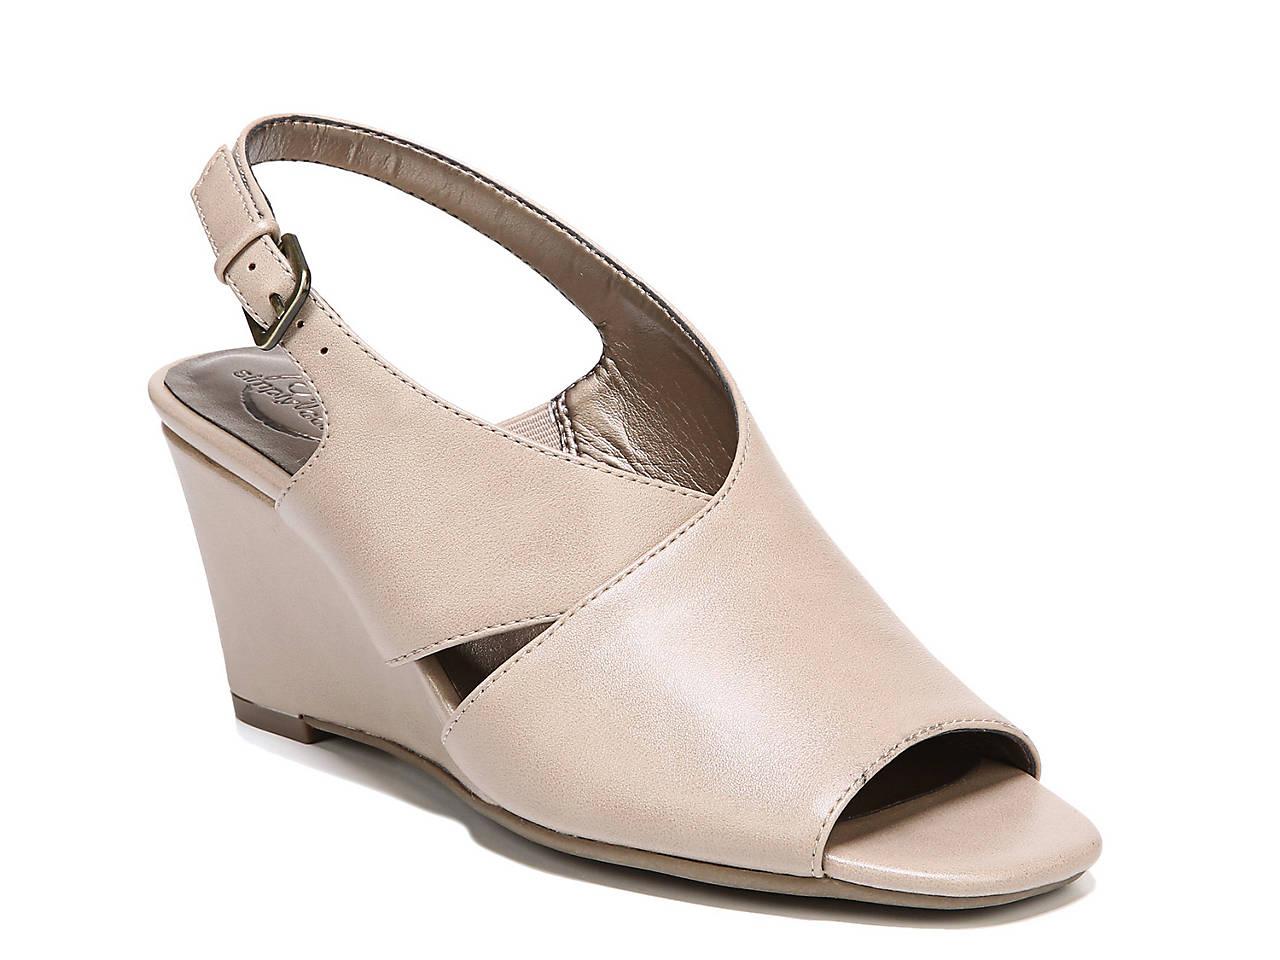 a92e4207d17 LifeStride Fizz Wedge Sandal Women s Shoes